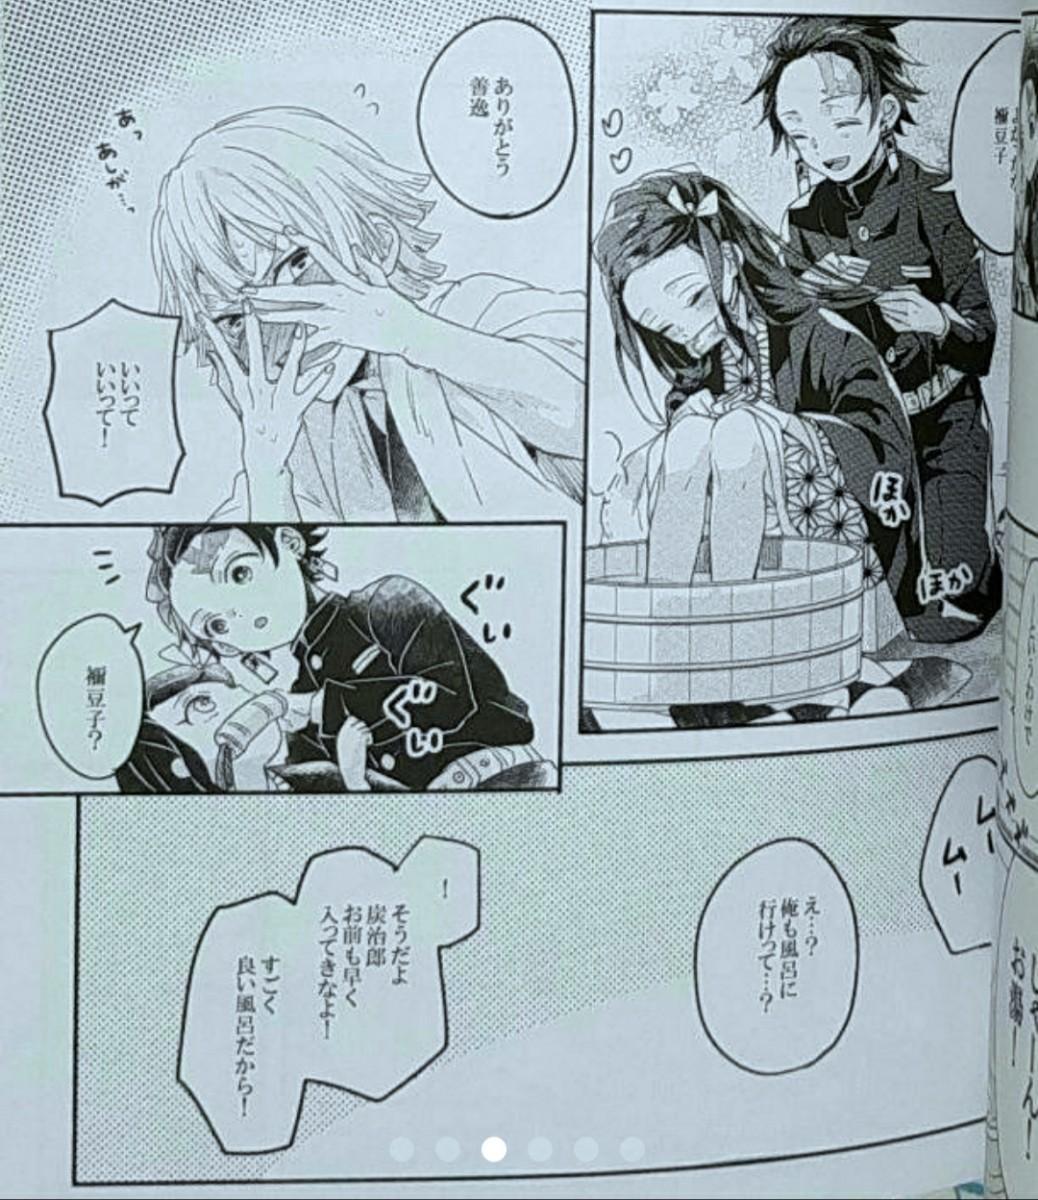 鬼 滅 の 刃 bl エロ 漫画